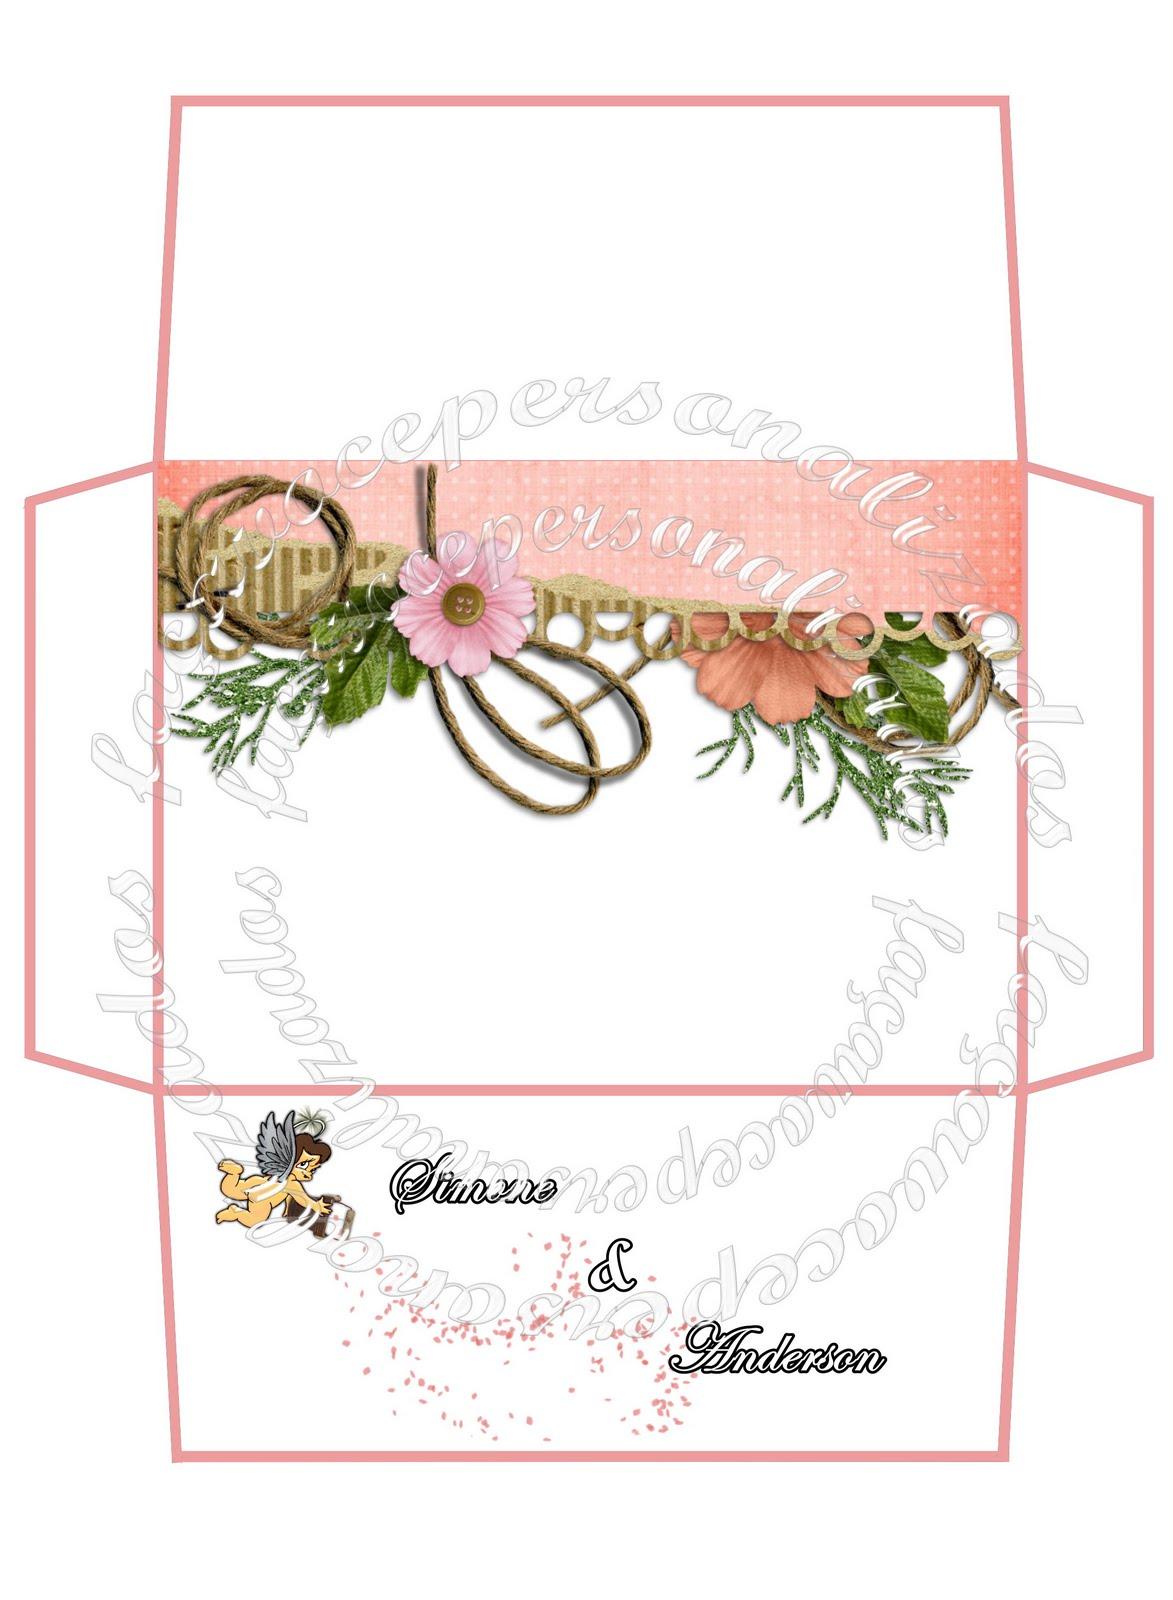 Super Faça você personalizados: Artes para convites casamento TV04